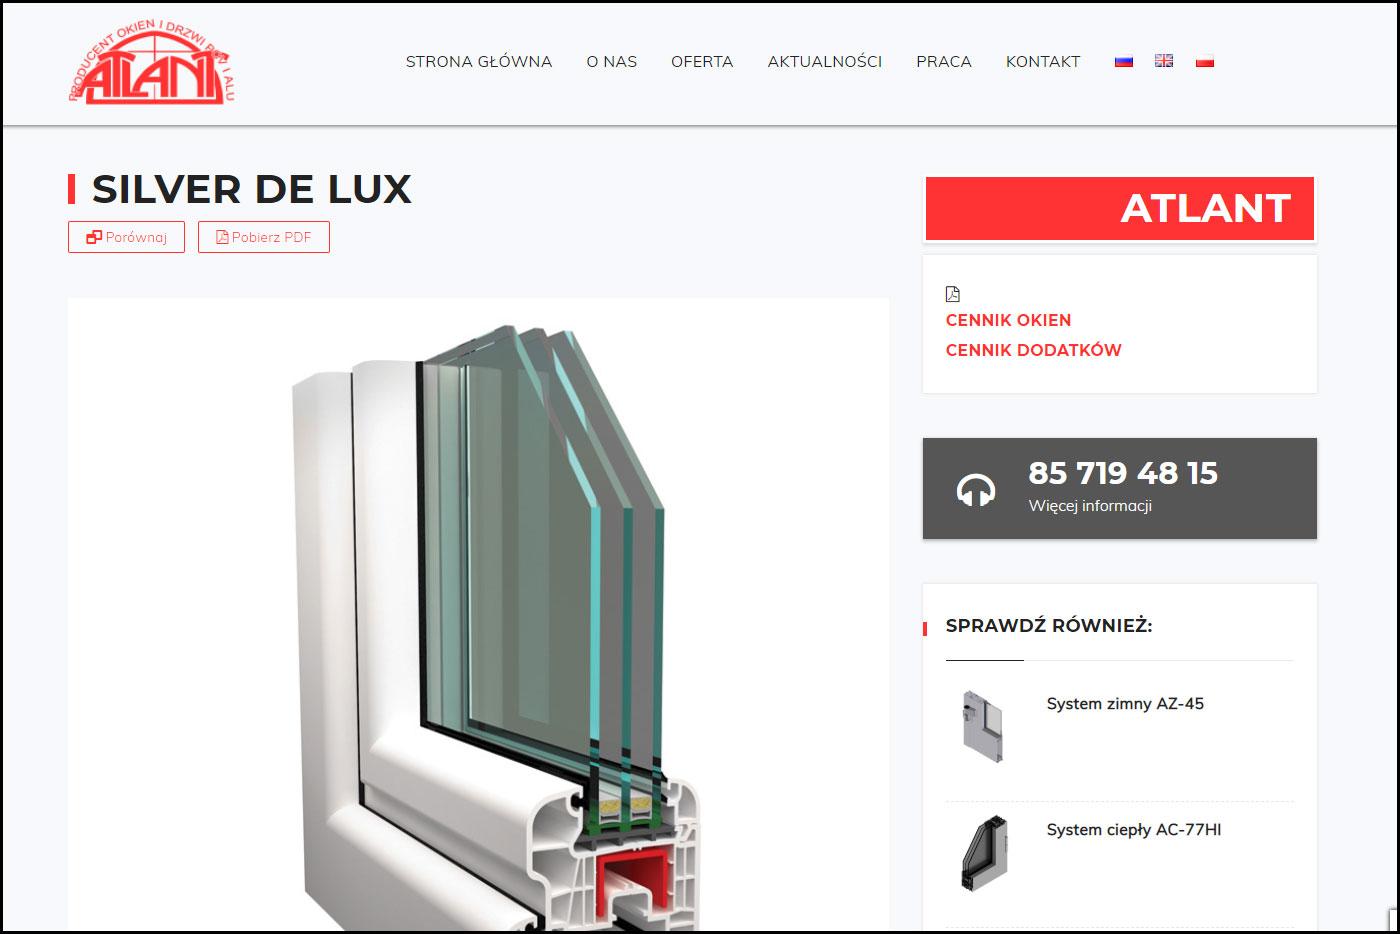 www.evion.pl agencja reklamowa Białystok agencja marketingowa Białystok agencja interaktywna tworzenie stron www stron internetowych (2)